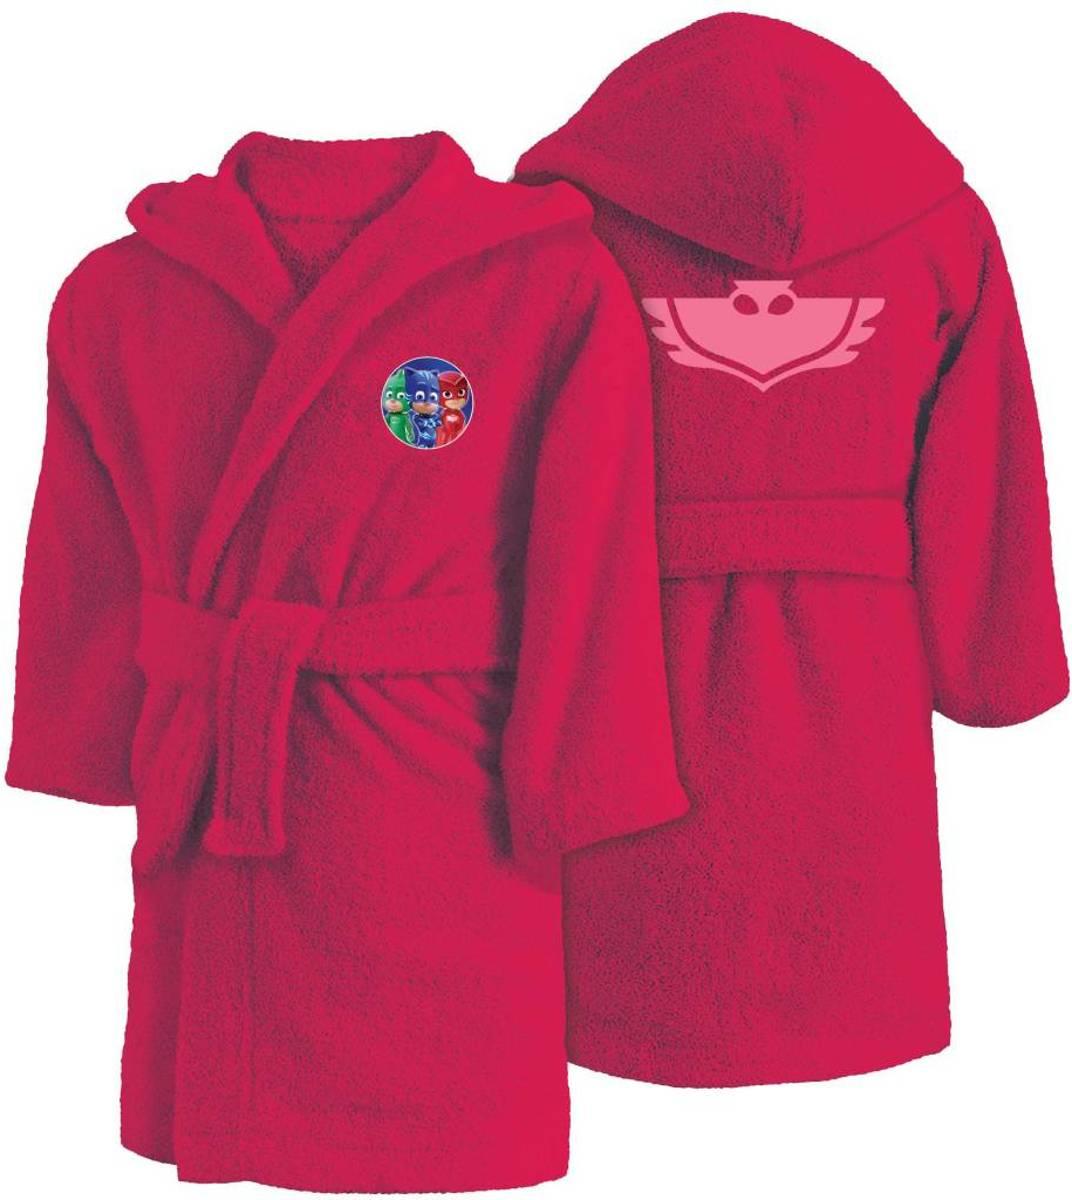 Pj masks owlette - badjas met capuchon - 6 / 8 jaar - roze